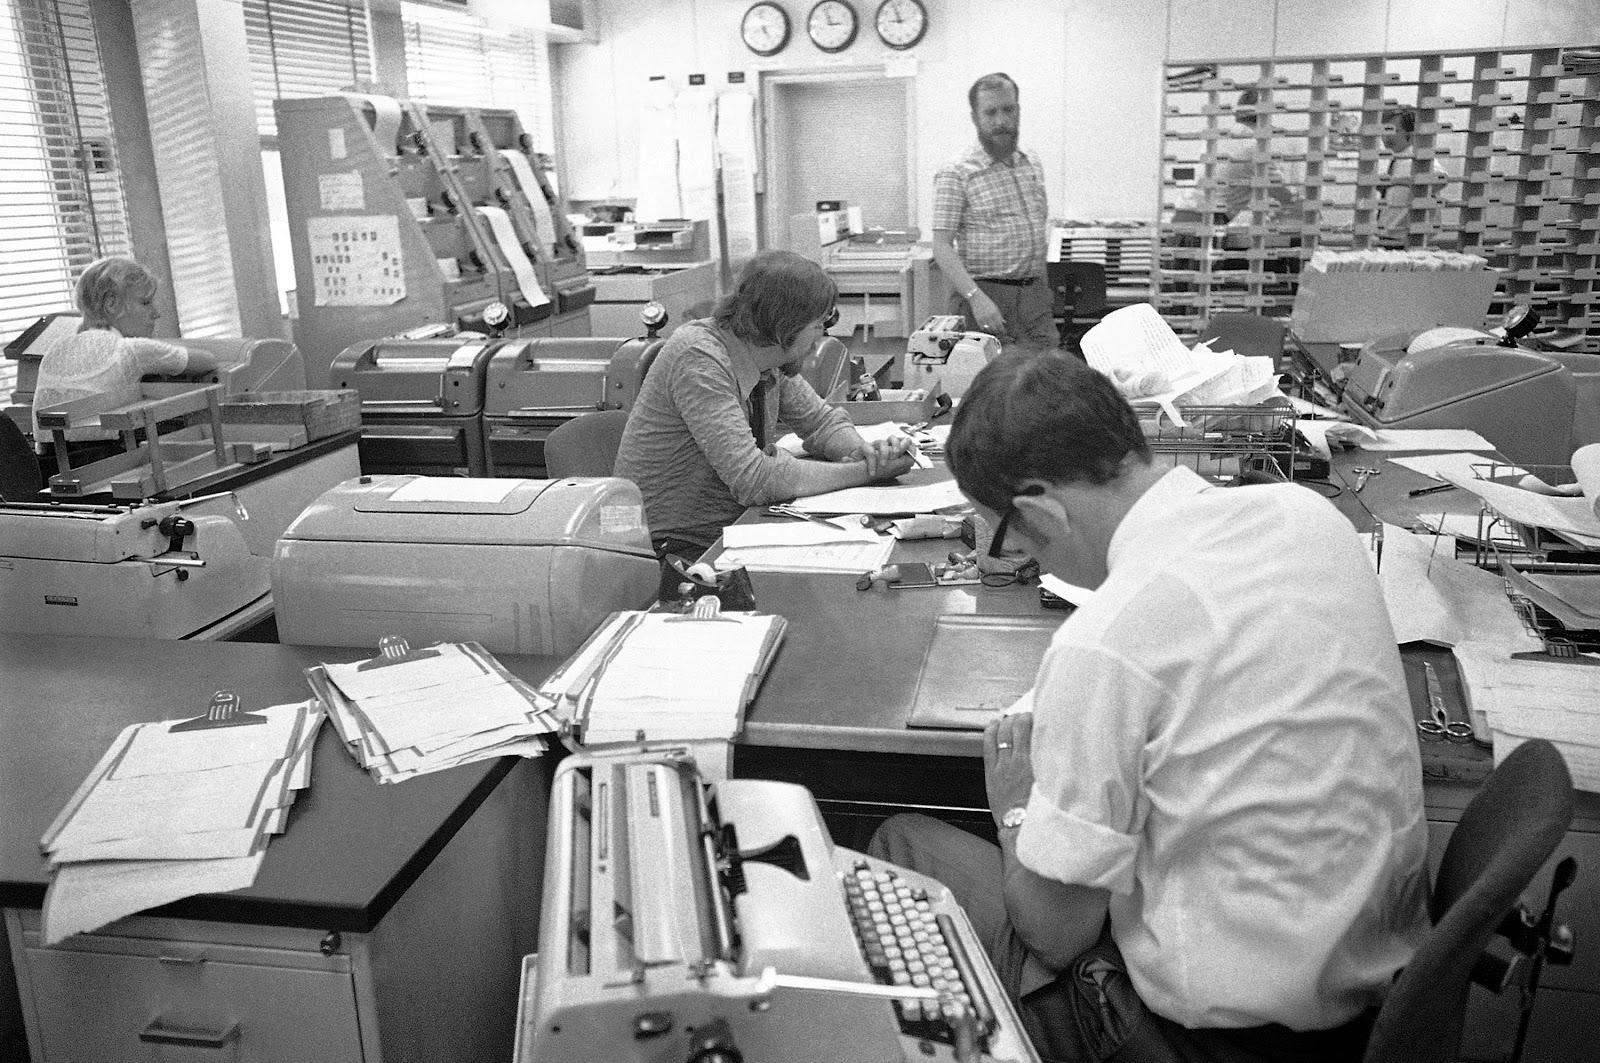 НА ПУЛЬСЕ МИРА: Новостная редакция Свободной Европы, 1971 год